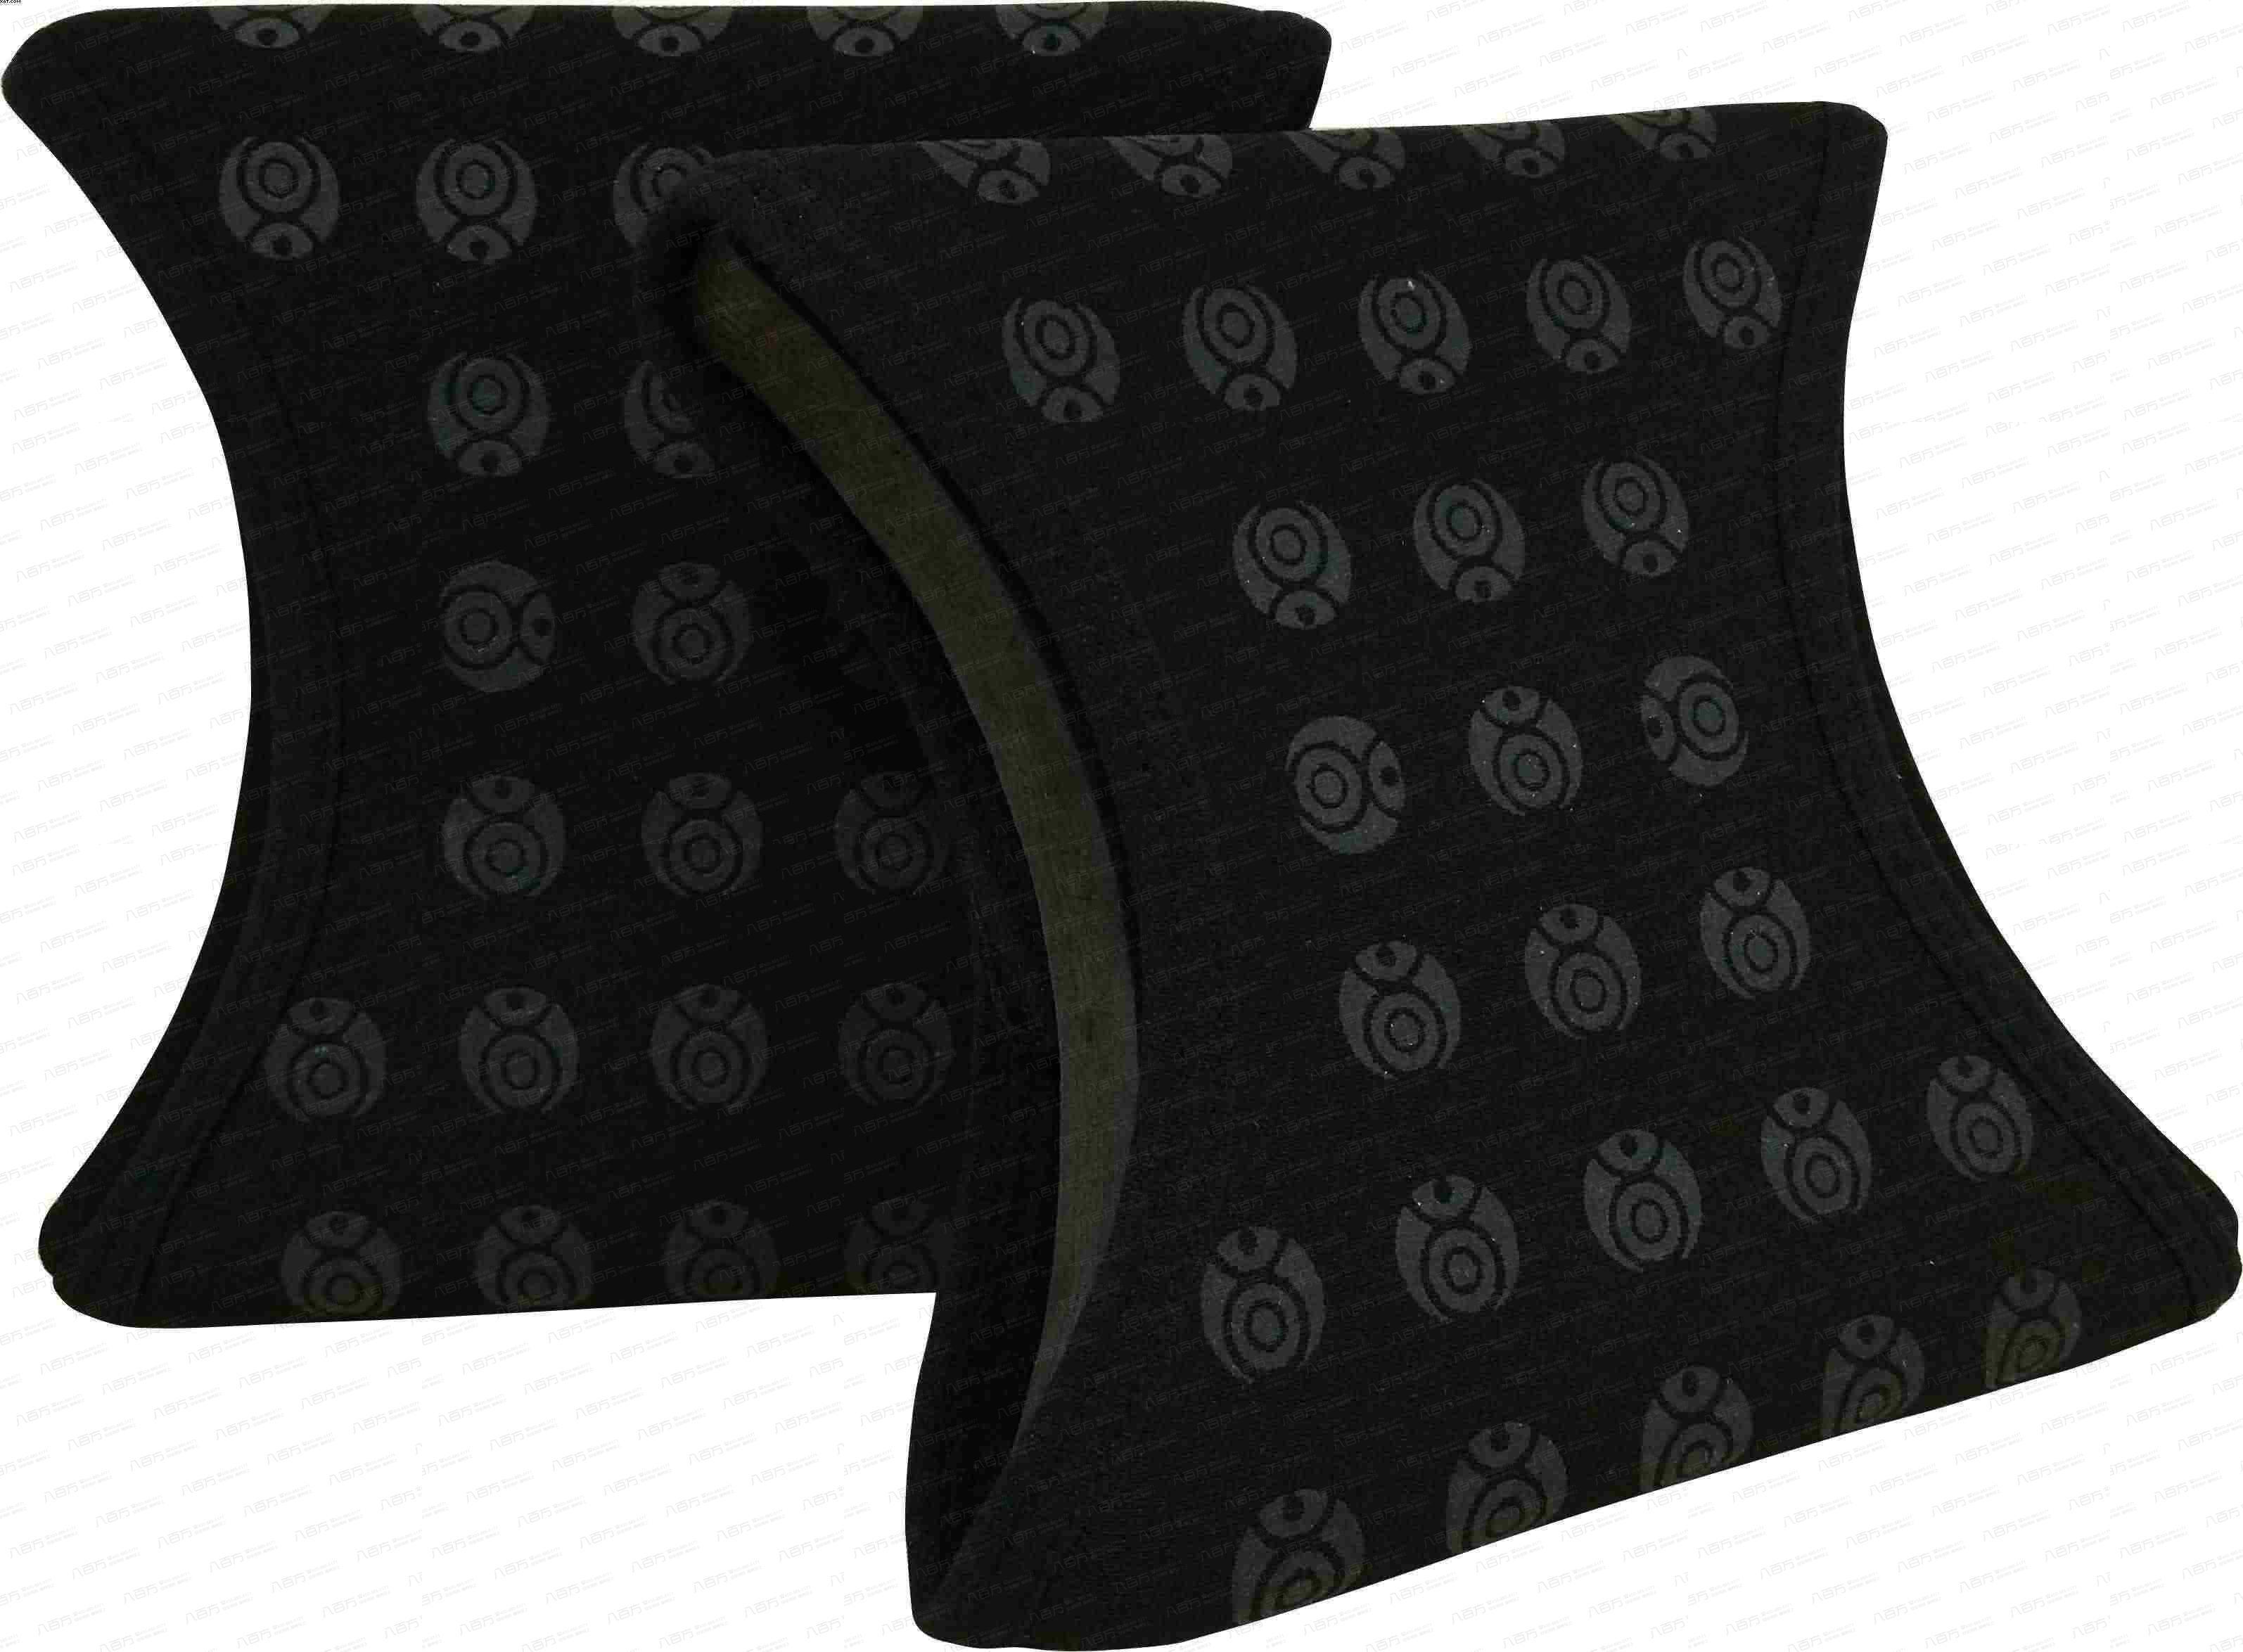 尚頸枕巾 尚頸枕頸椎枕U型枕理療枕巾